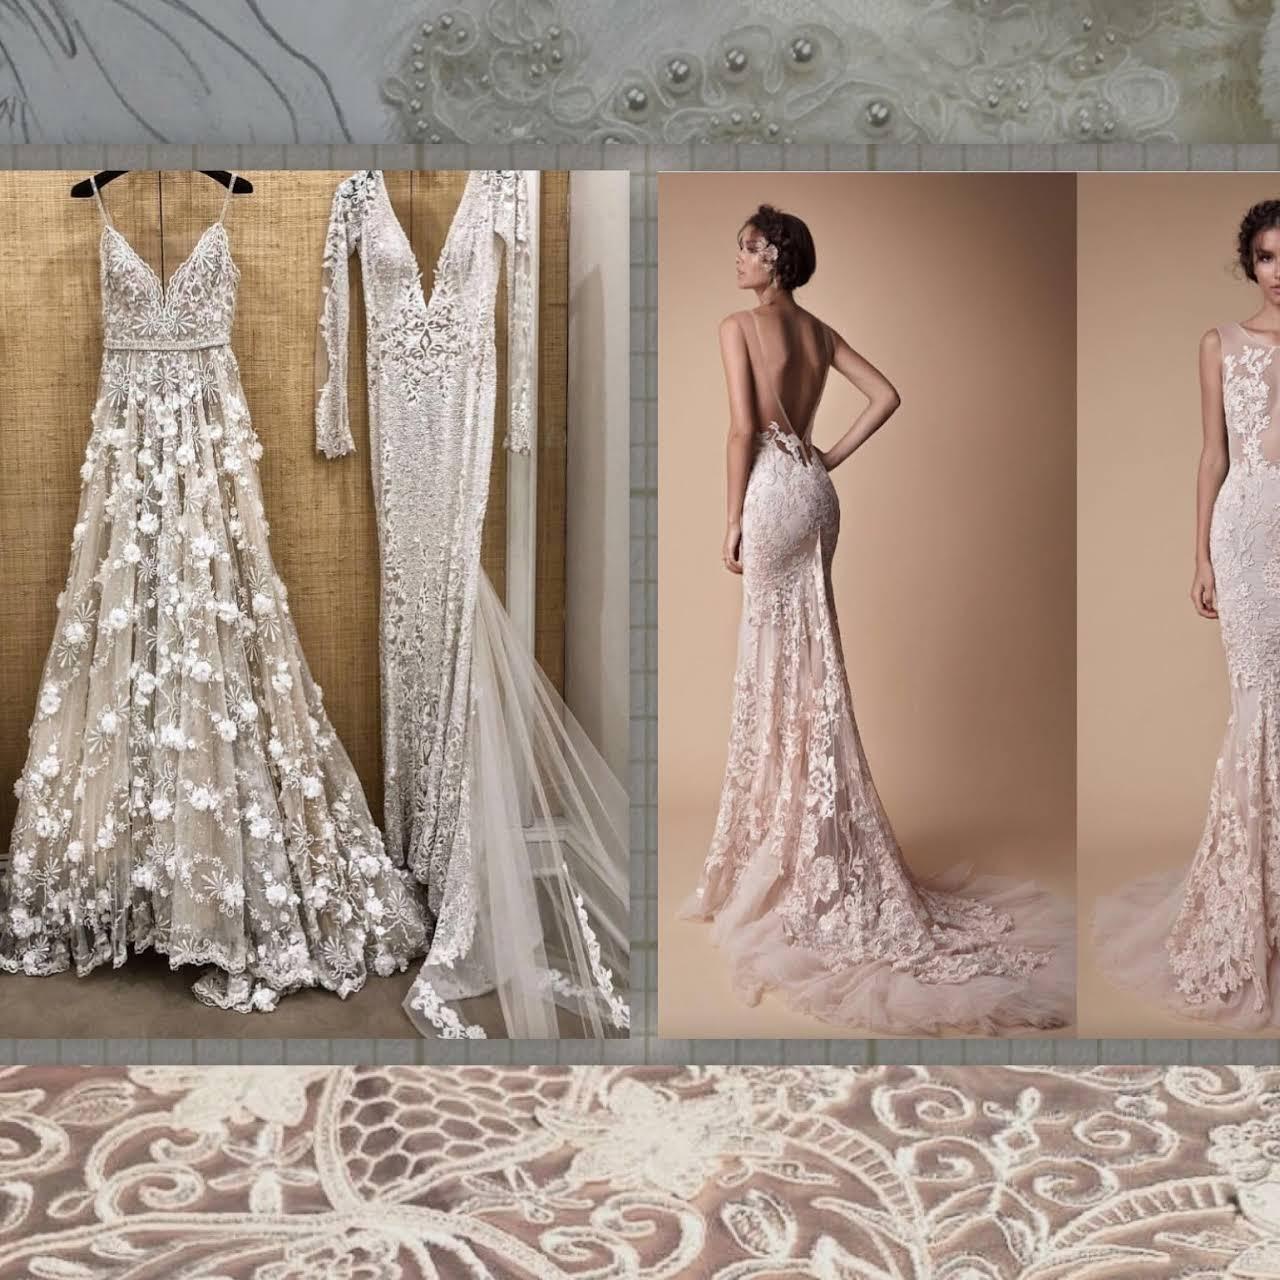 Wedding Dress Boutiques.Wedding Dress Boutiques Raleigh Nc Saddha